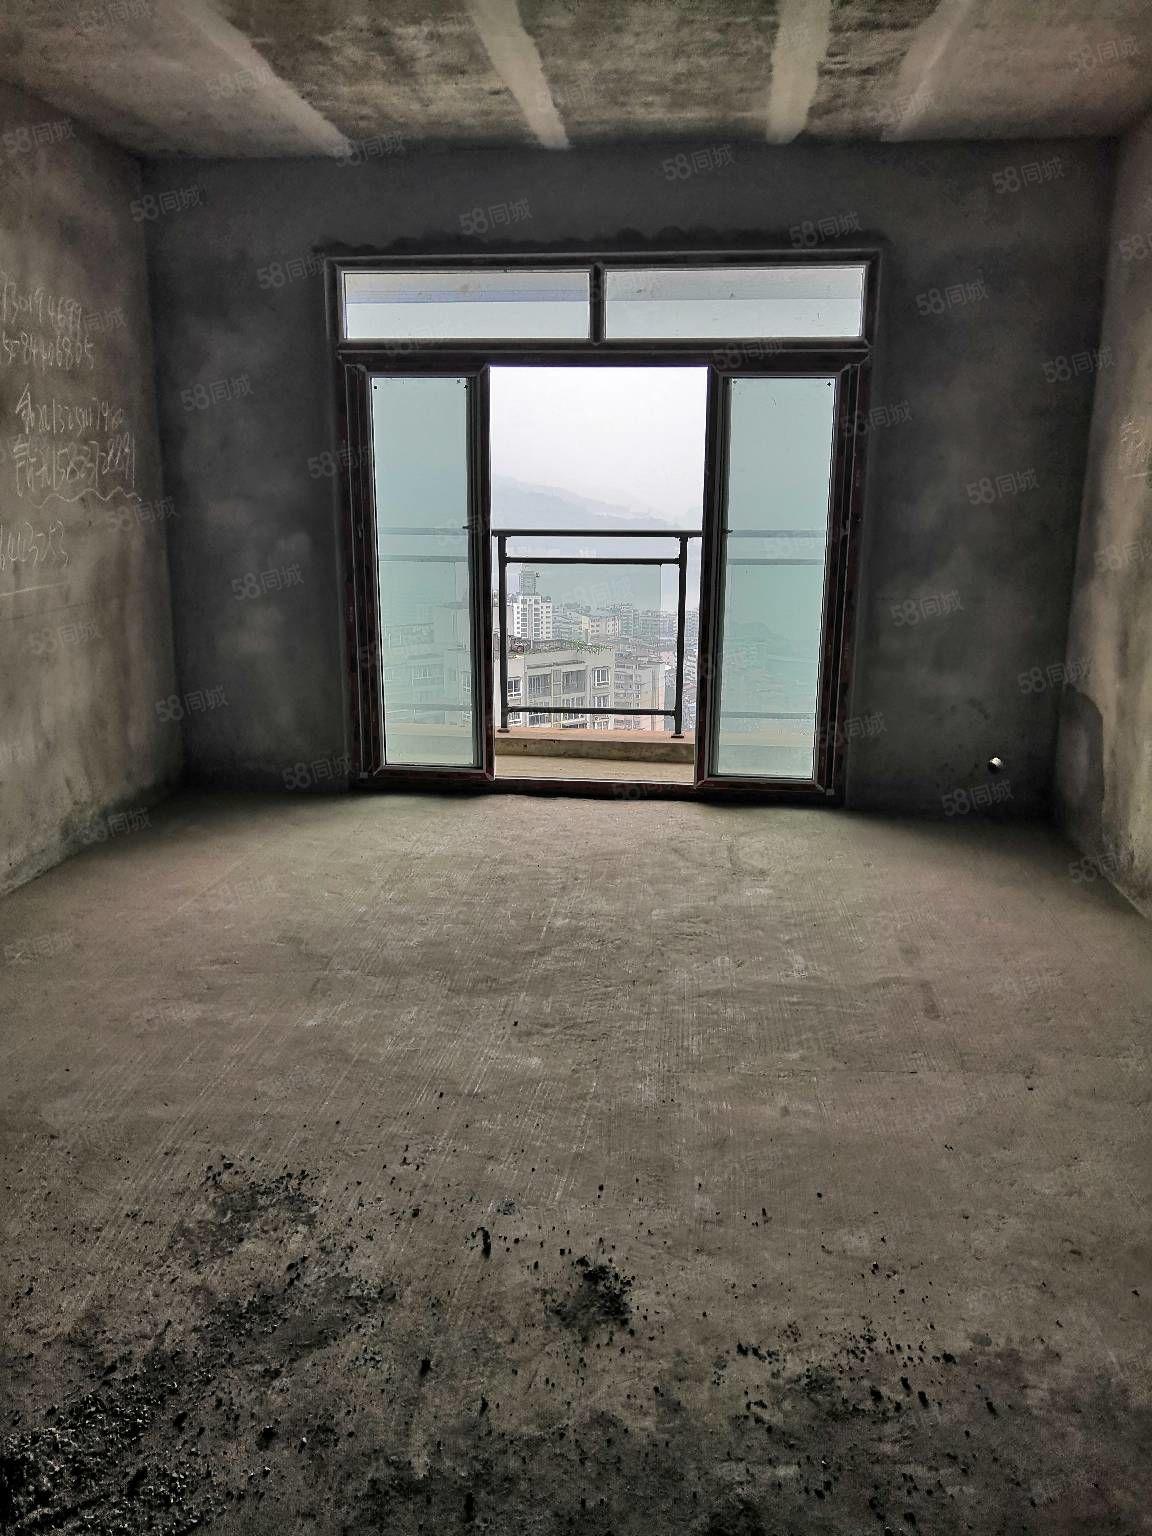 宏盛花园大户型急卖!仅售38万!三室两厅两卫一阳台106平米